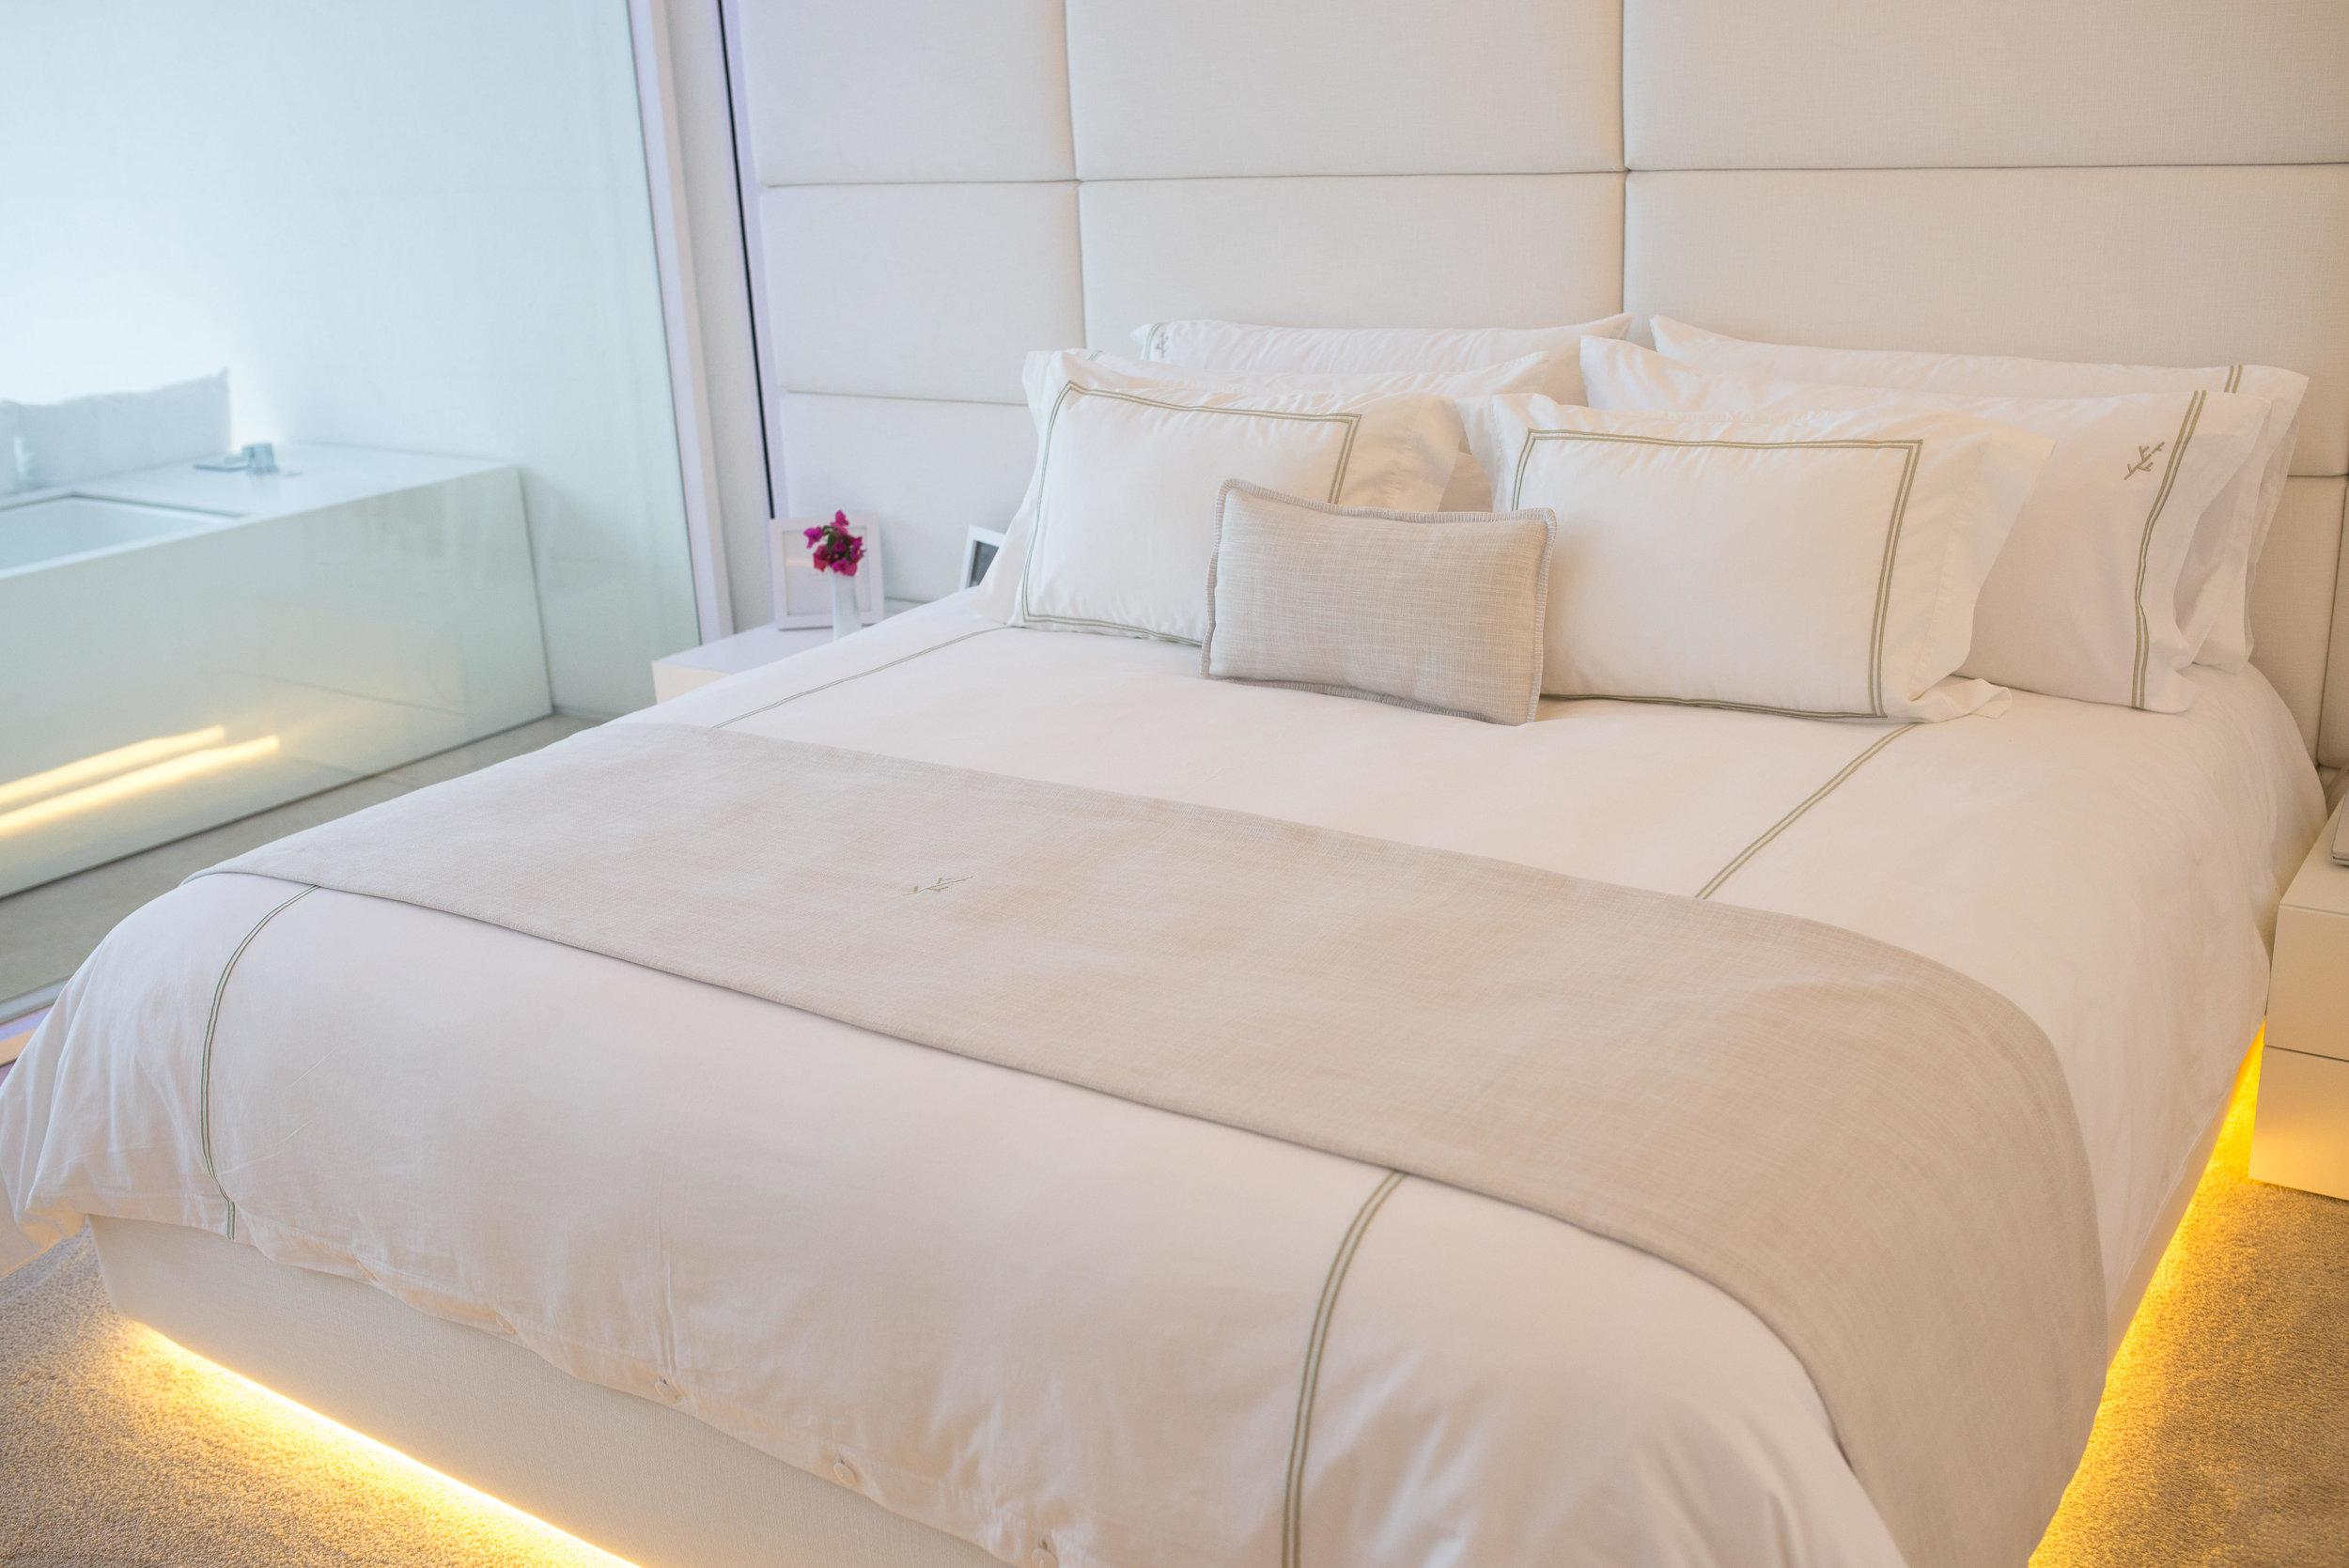 Viceroy-Los-Cabos-Rooms.JPG